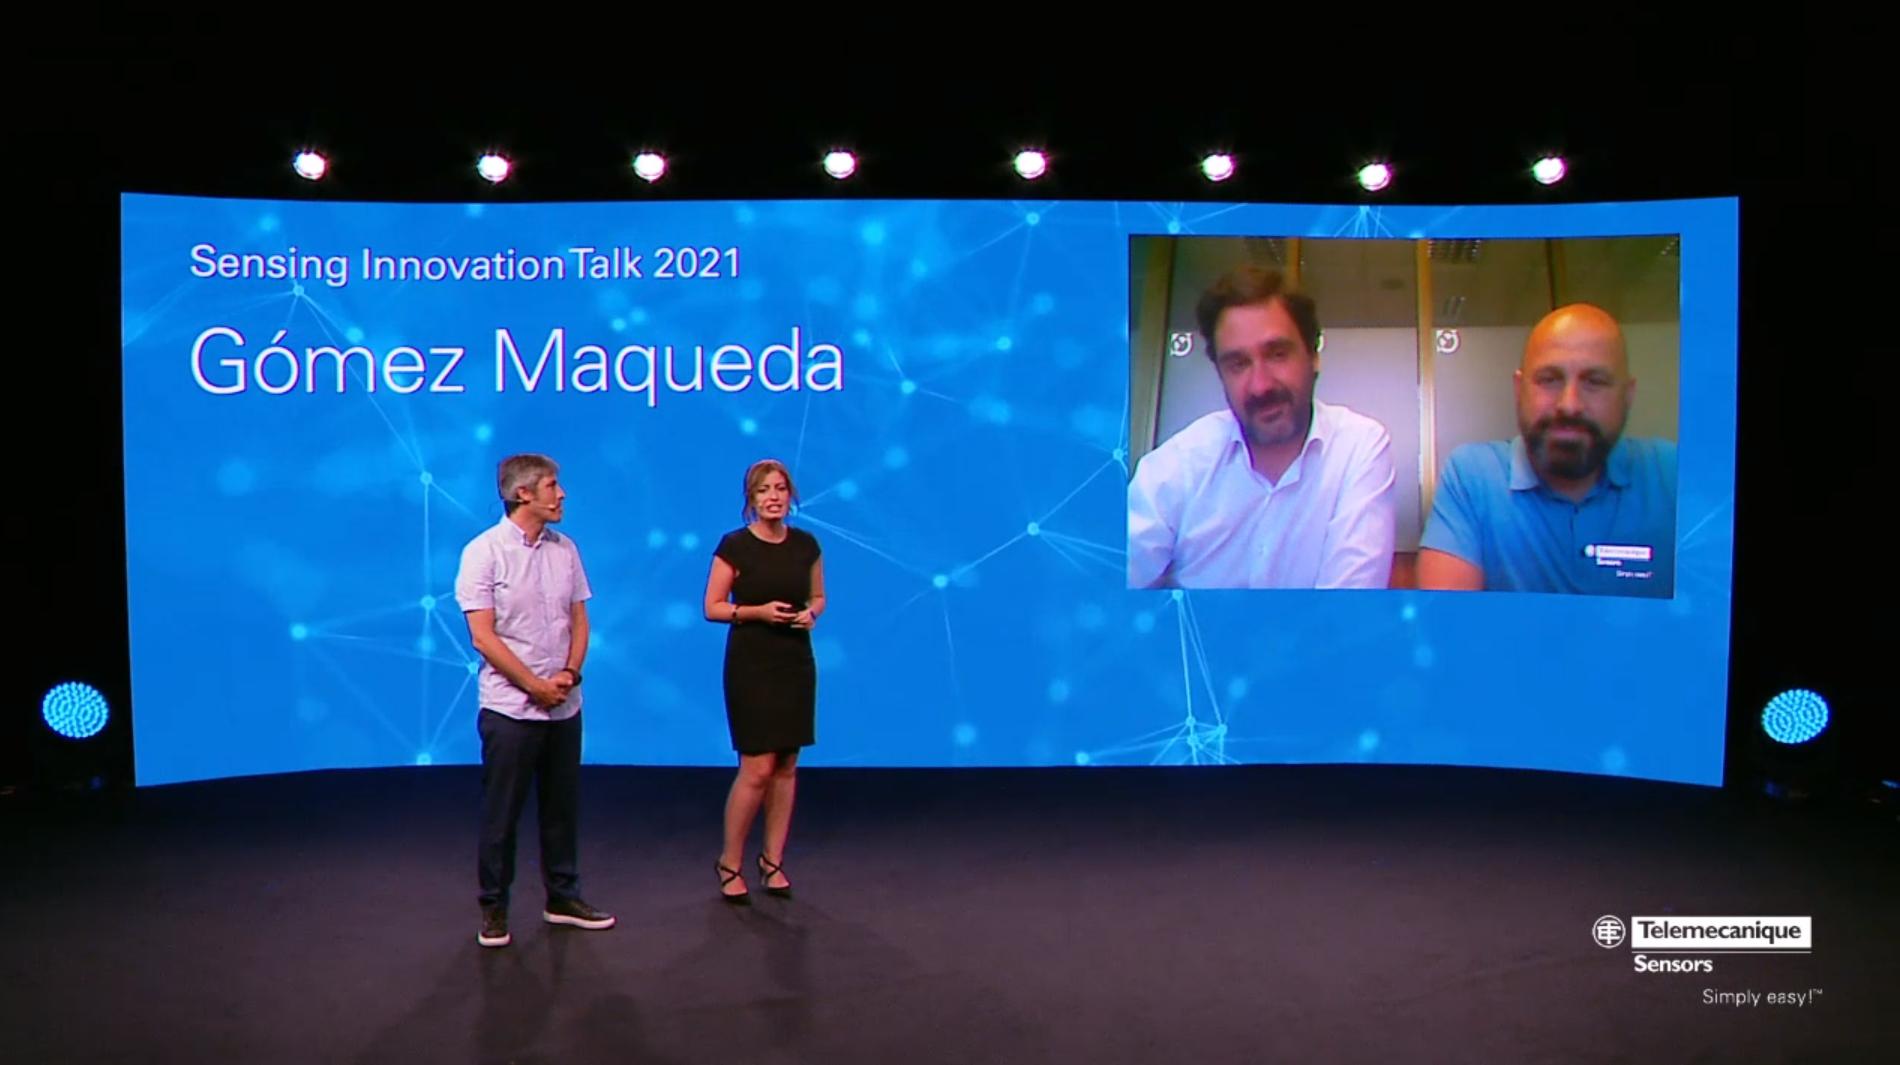 Gómez Maqueda gana el premio Sensor Partner Telemecanique 2020